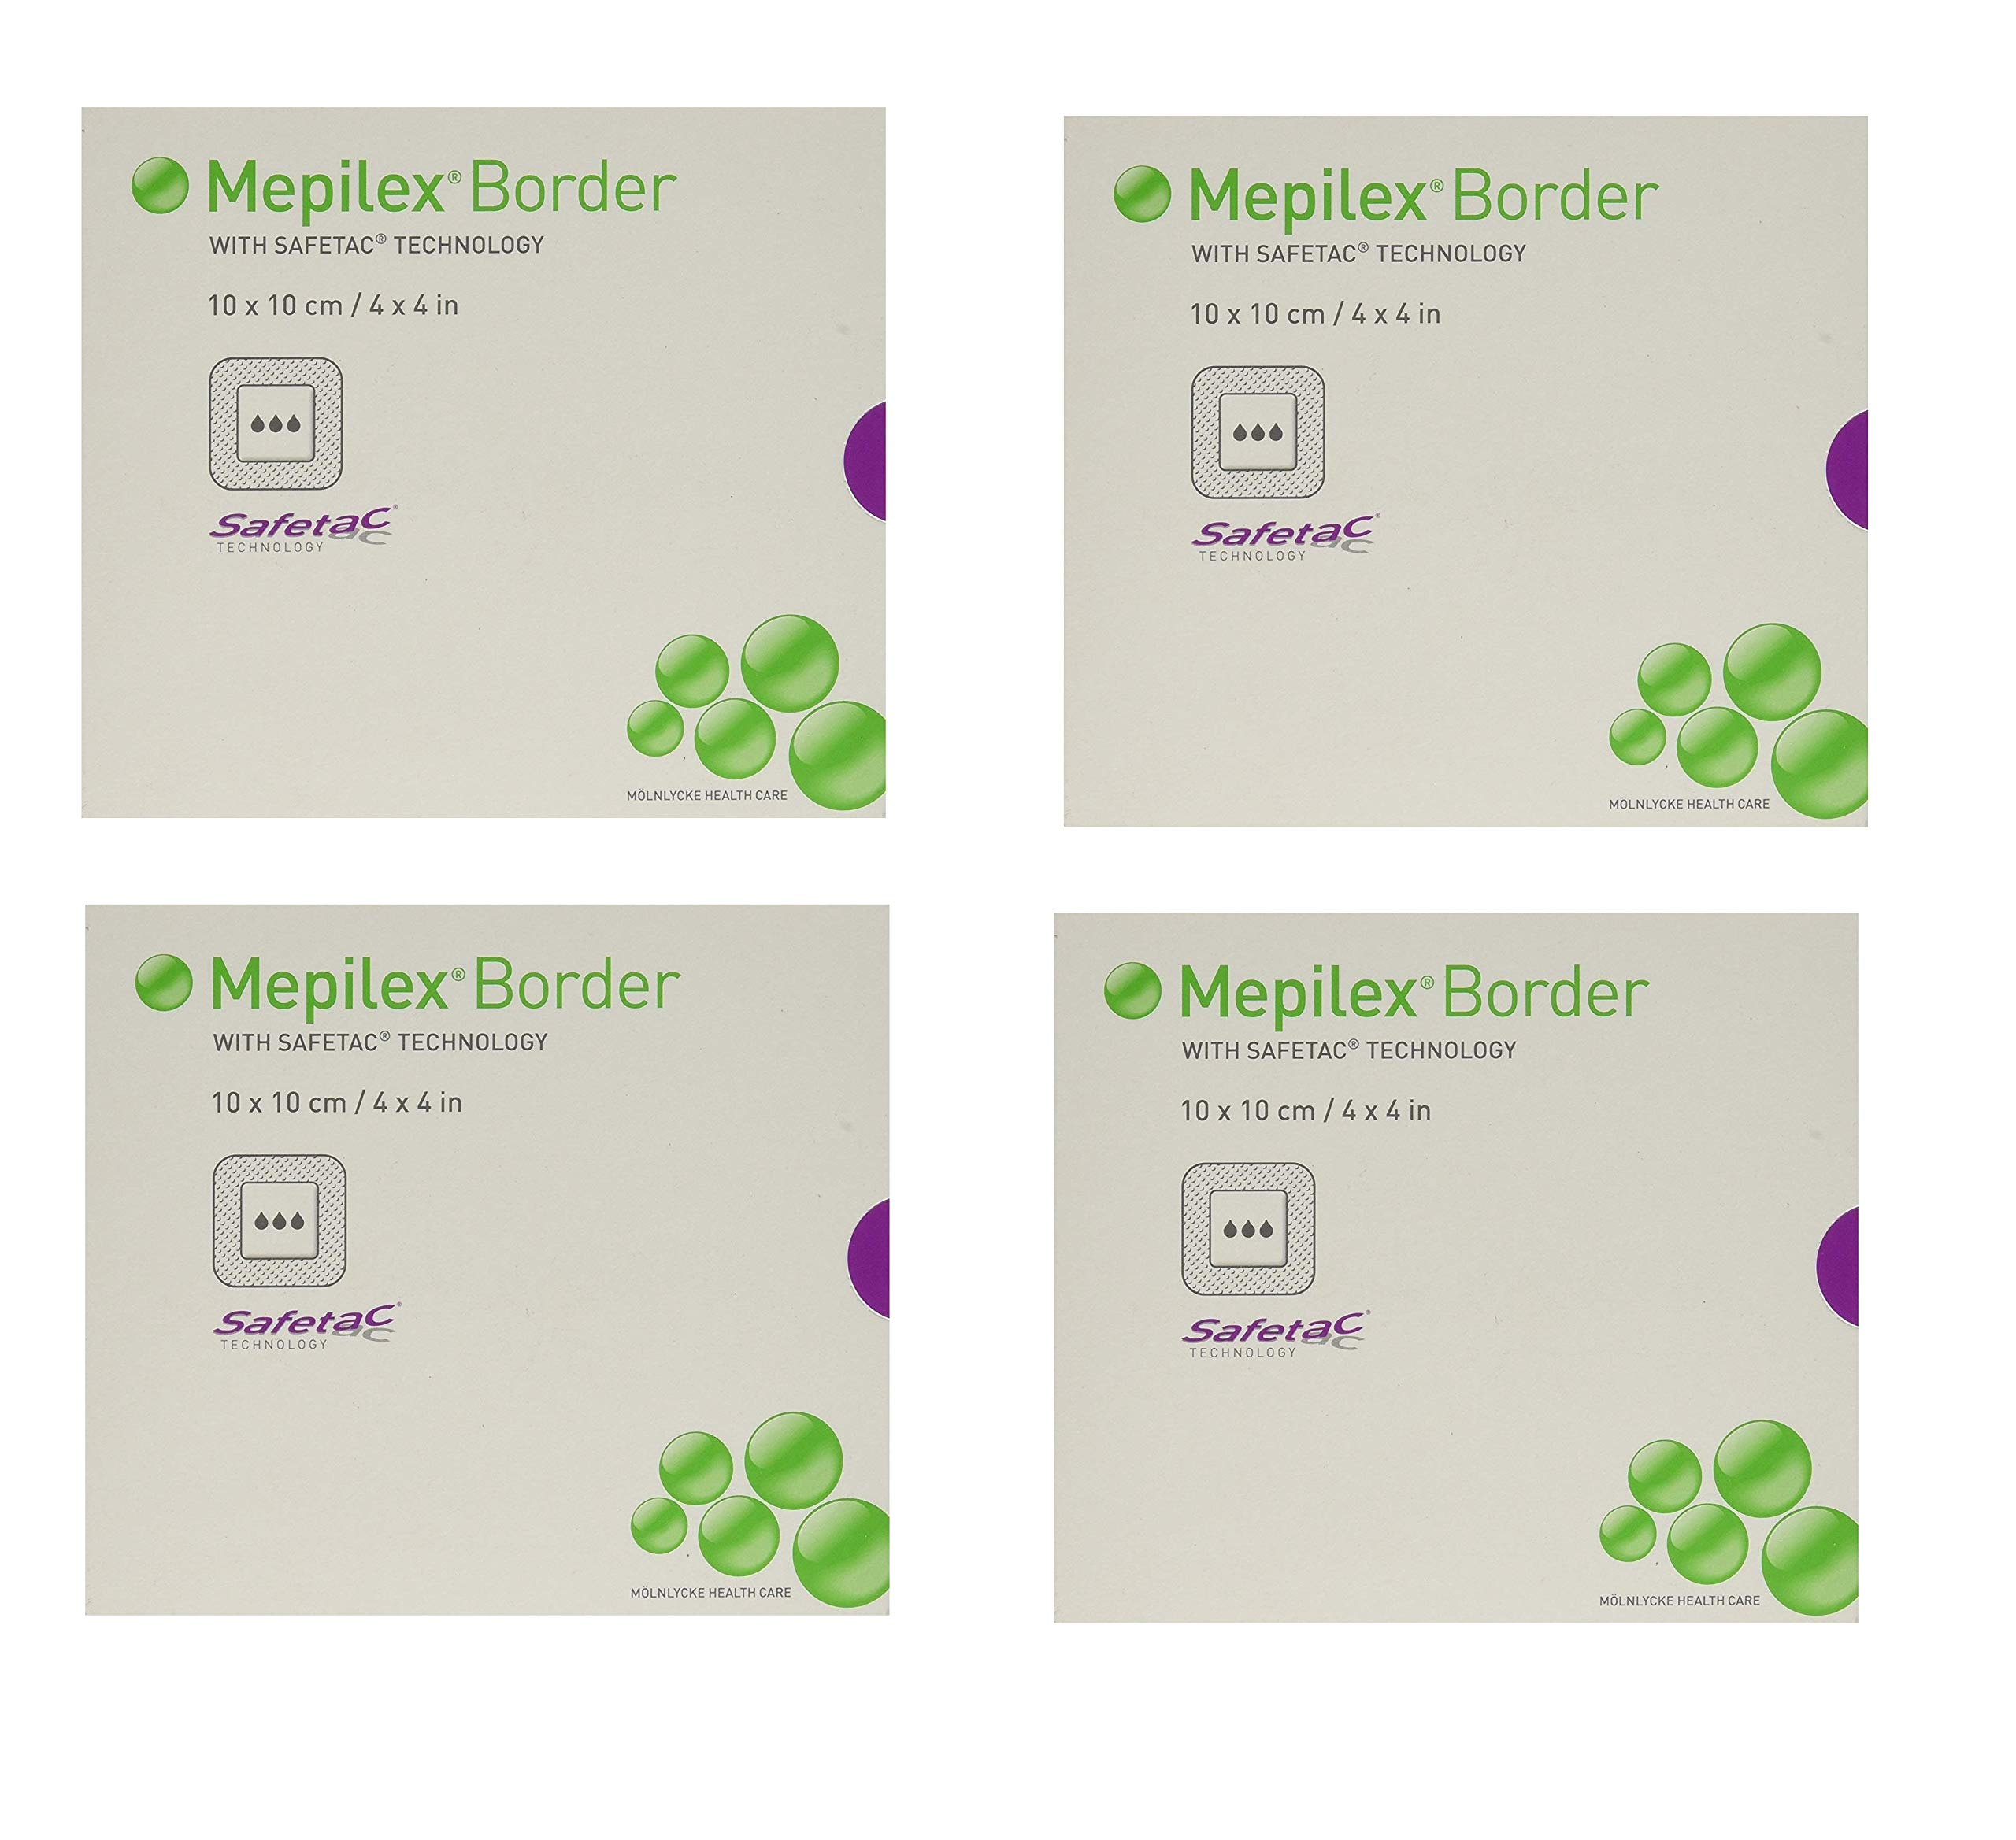 Mepilex Border Self-Adhesive Foam Dressings 4''x4'', 5 Count (4 Pack)